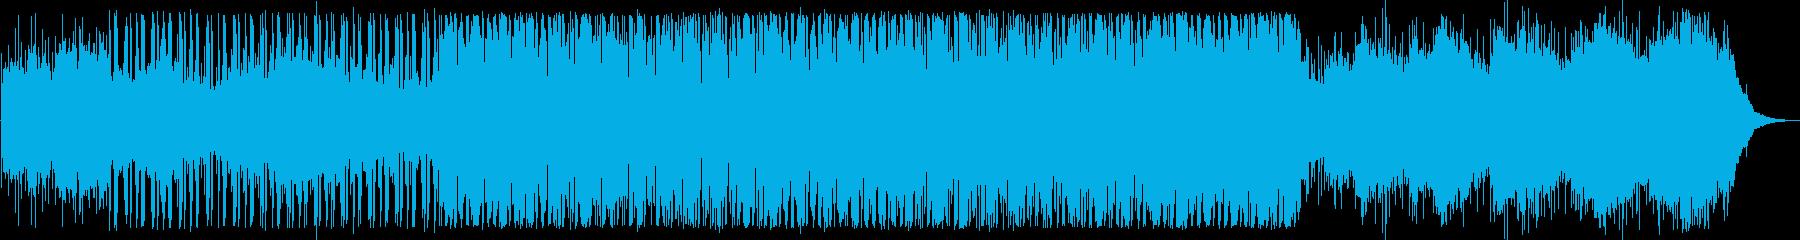 軽快なリズムのテクノの再生済みの波形